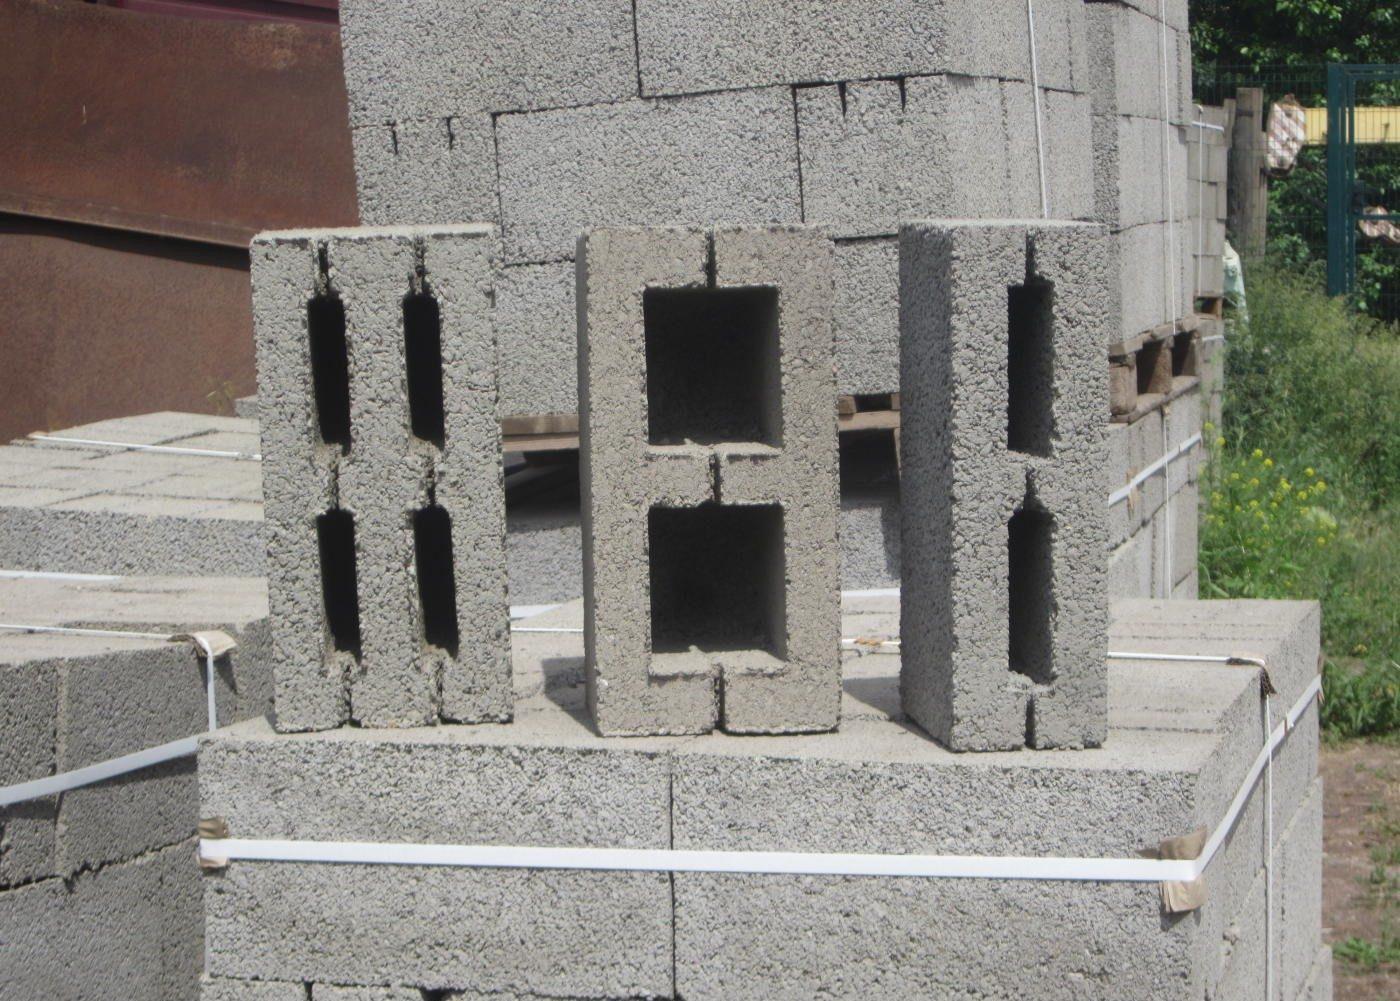 Из каких блоков строить гараж | Сколько нужно блоков на гараж: как рассчитать количество